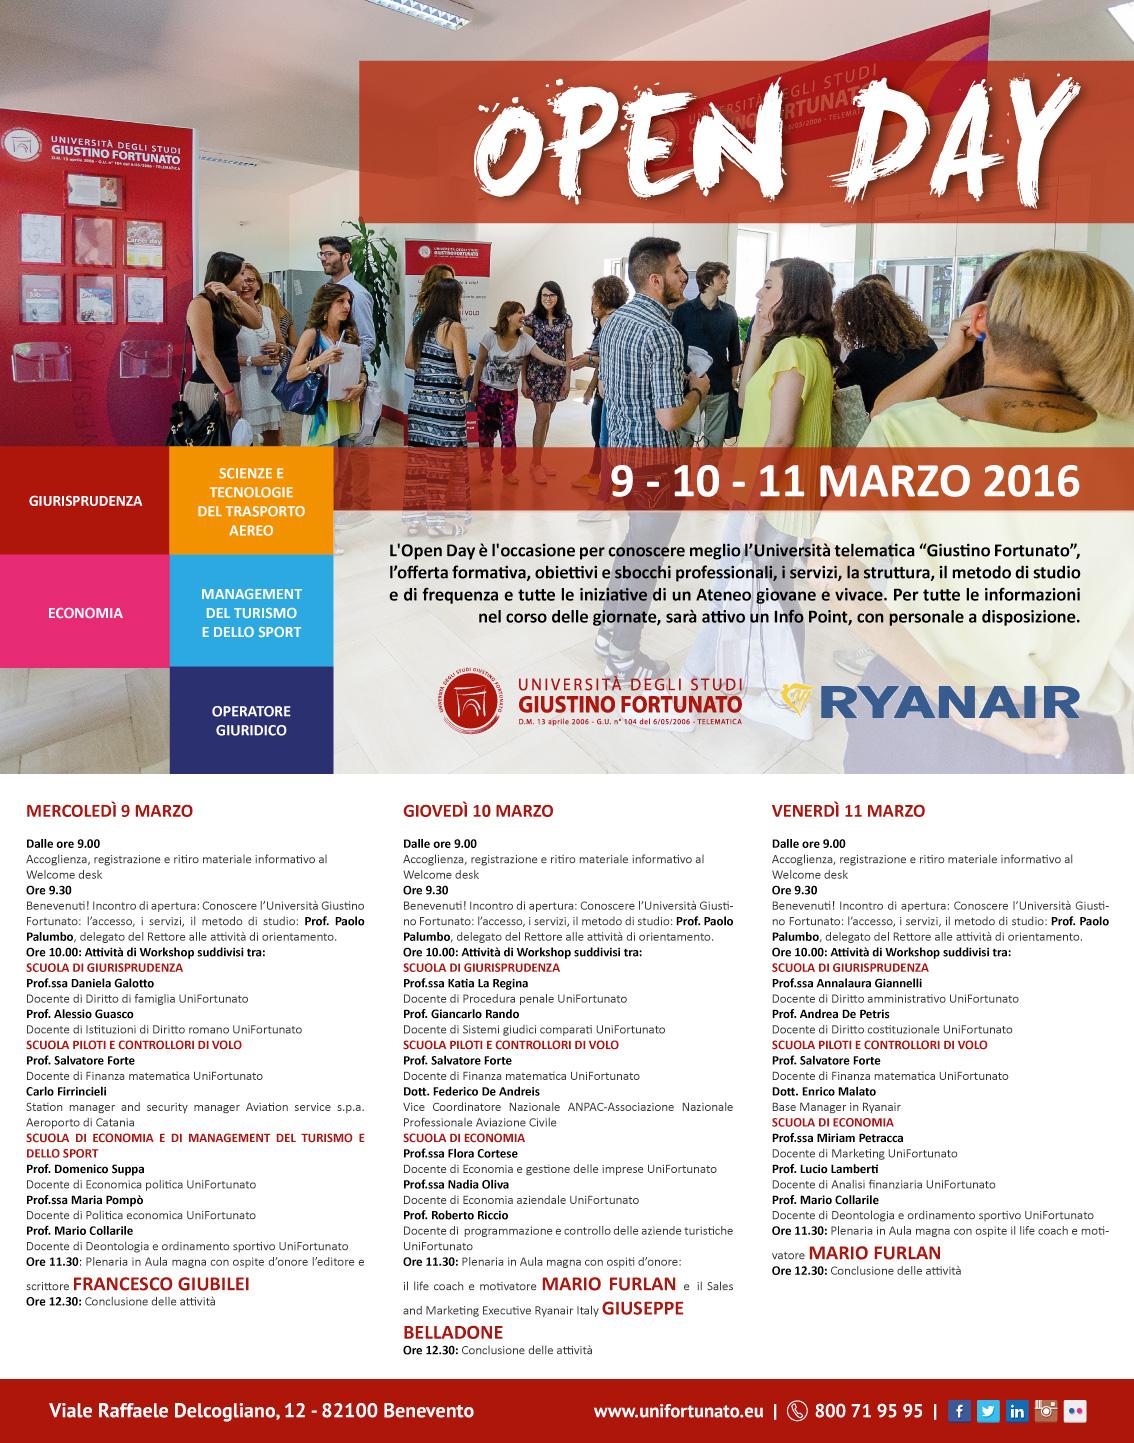 programma_openday_16_02_25_cmp